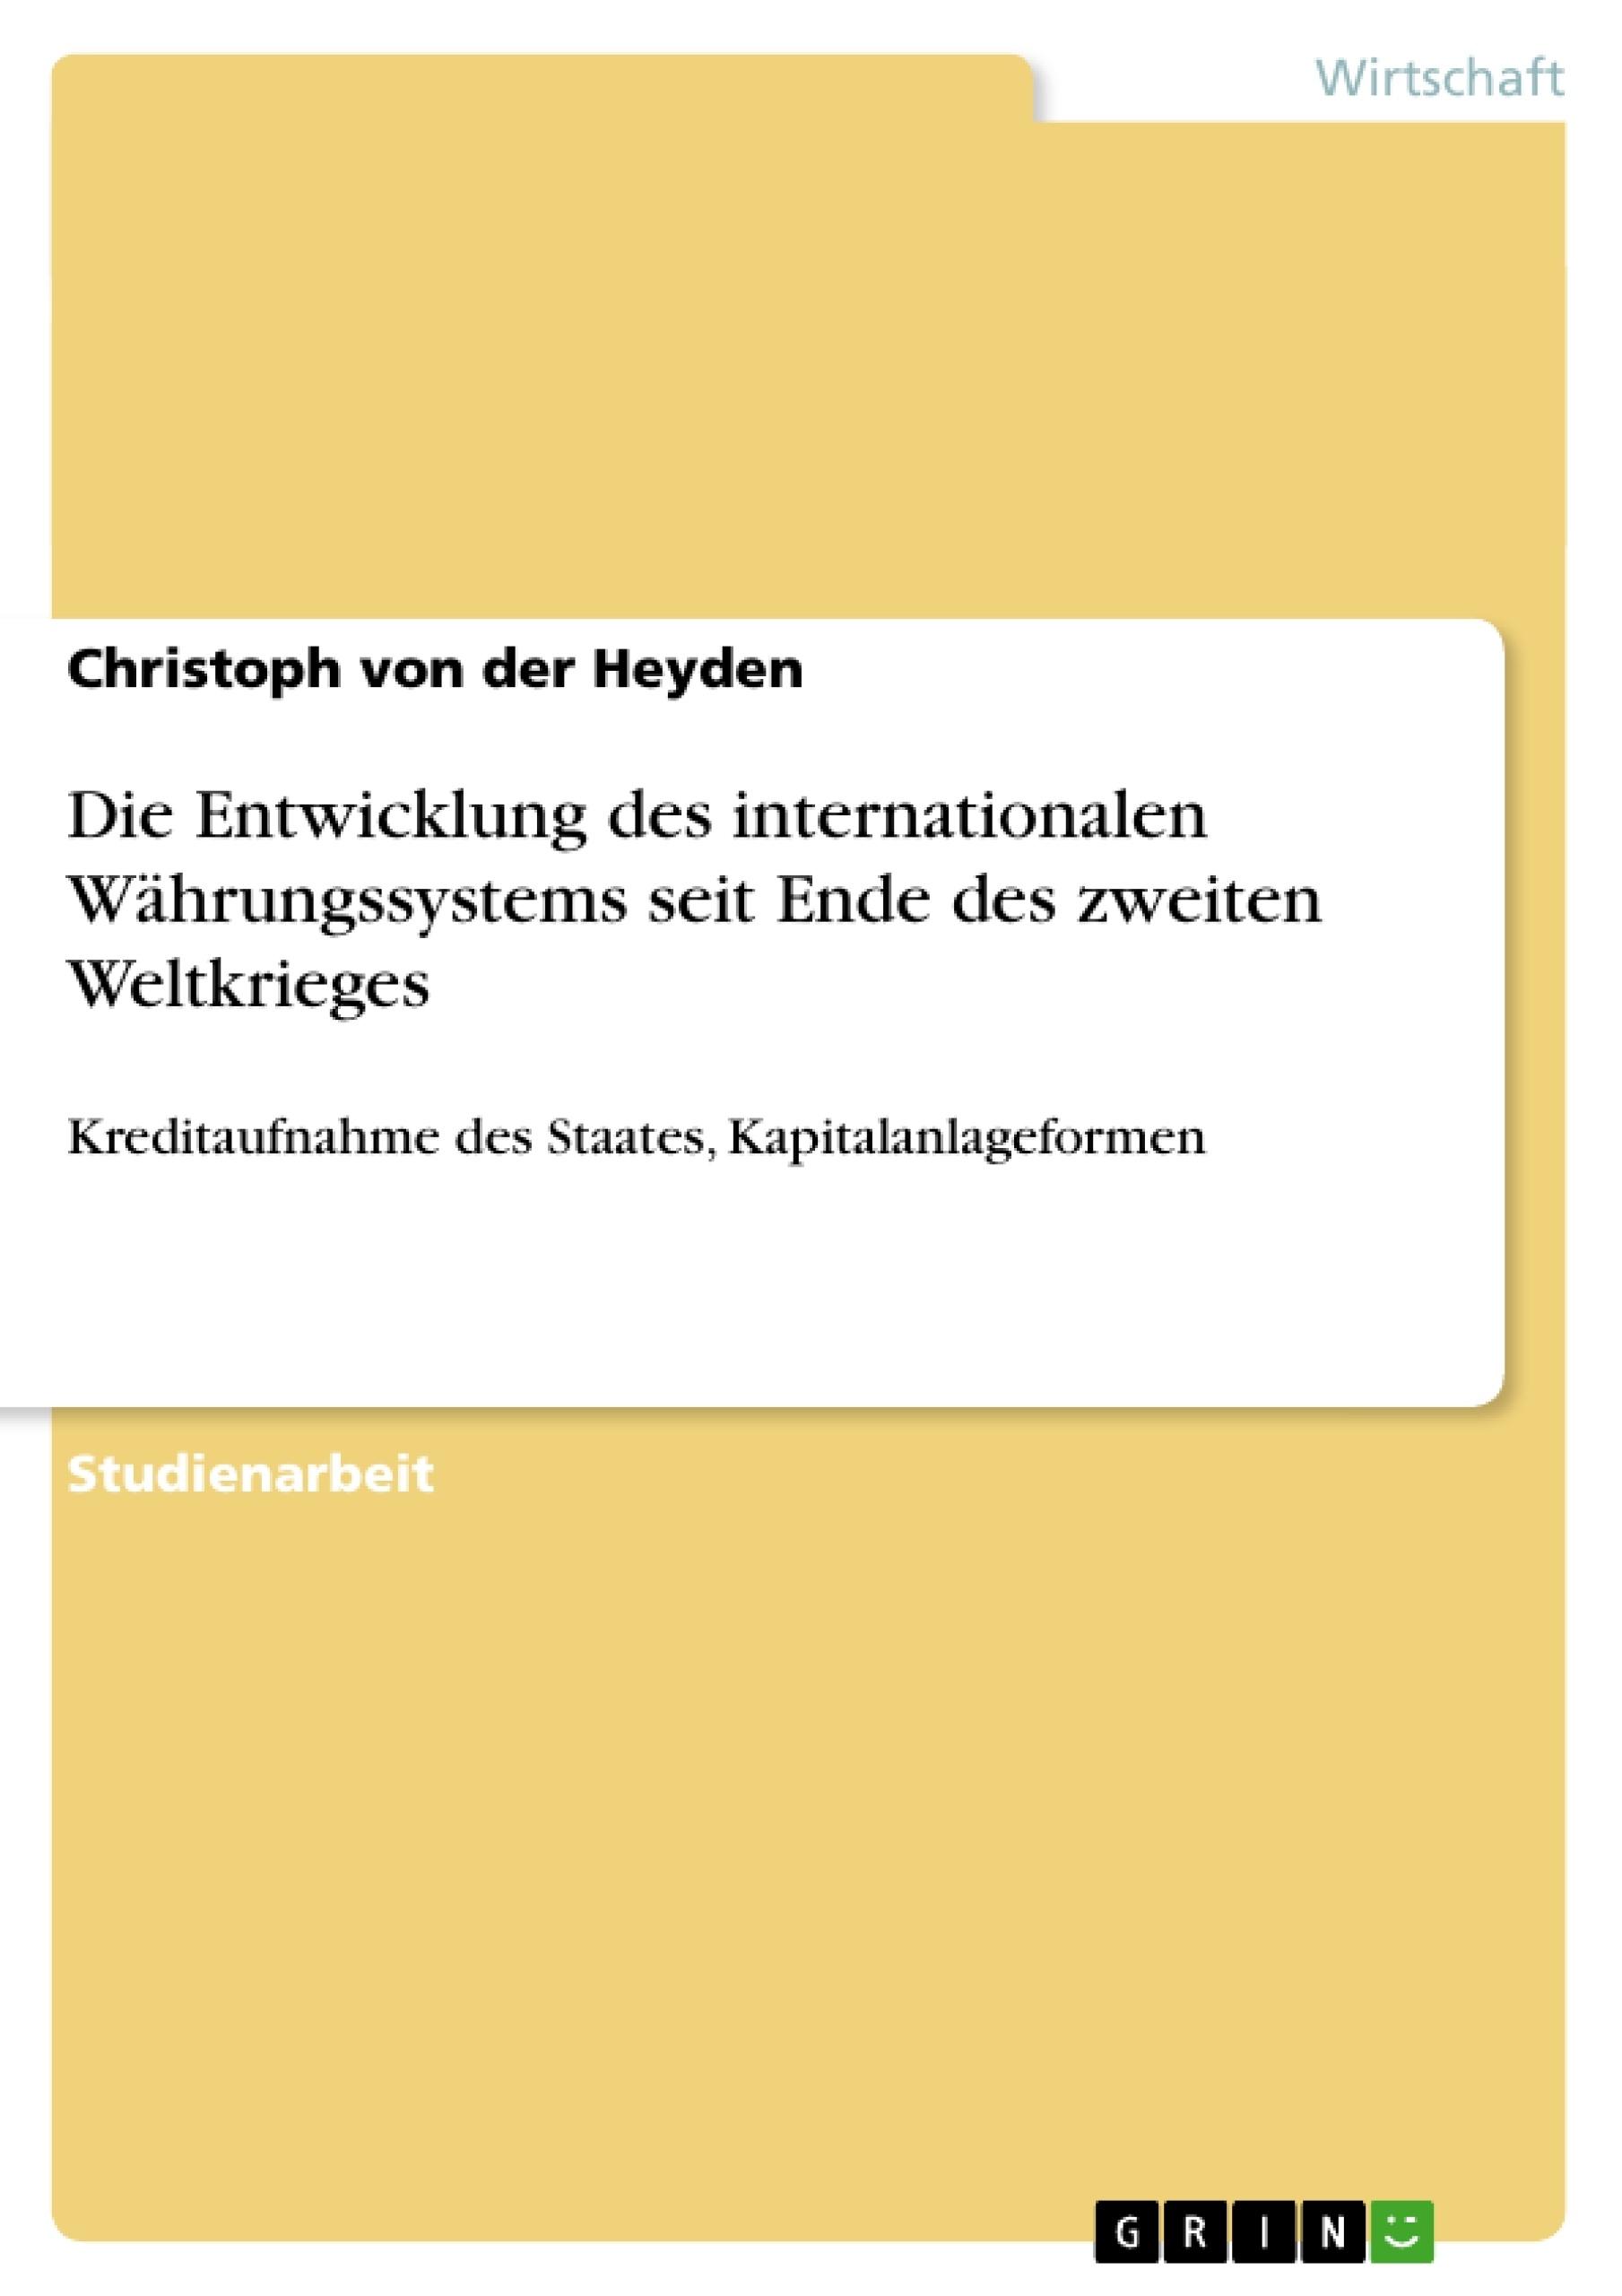 Titel: Die Entwicklung des internationalen Währungssystems seit Ende des zweiten Weltkrieges